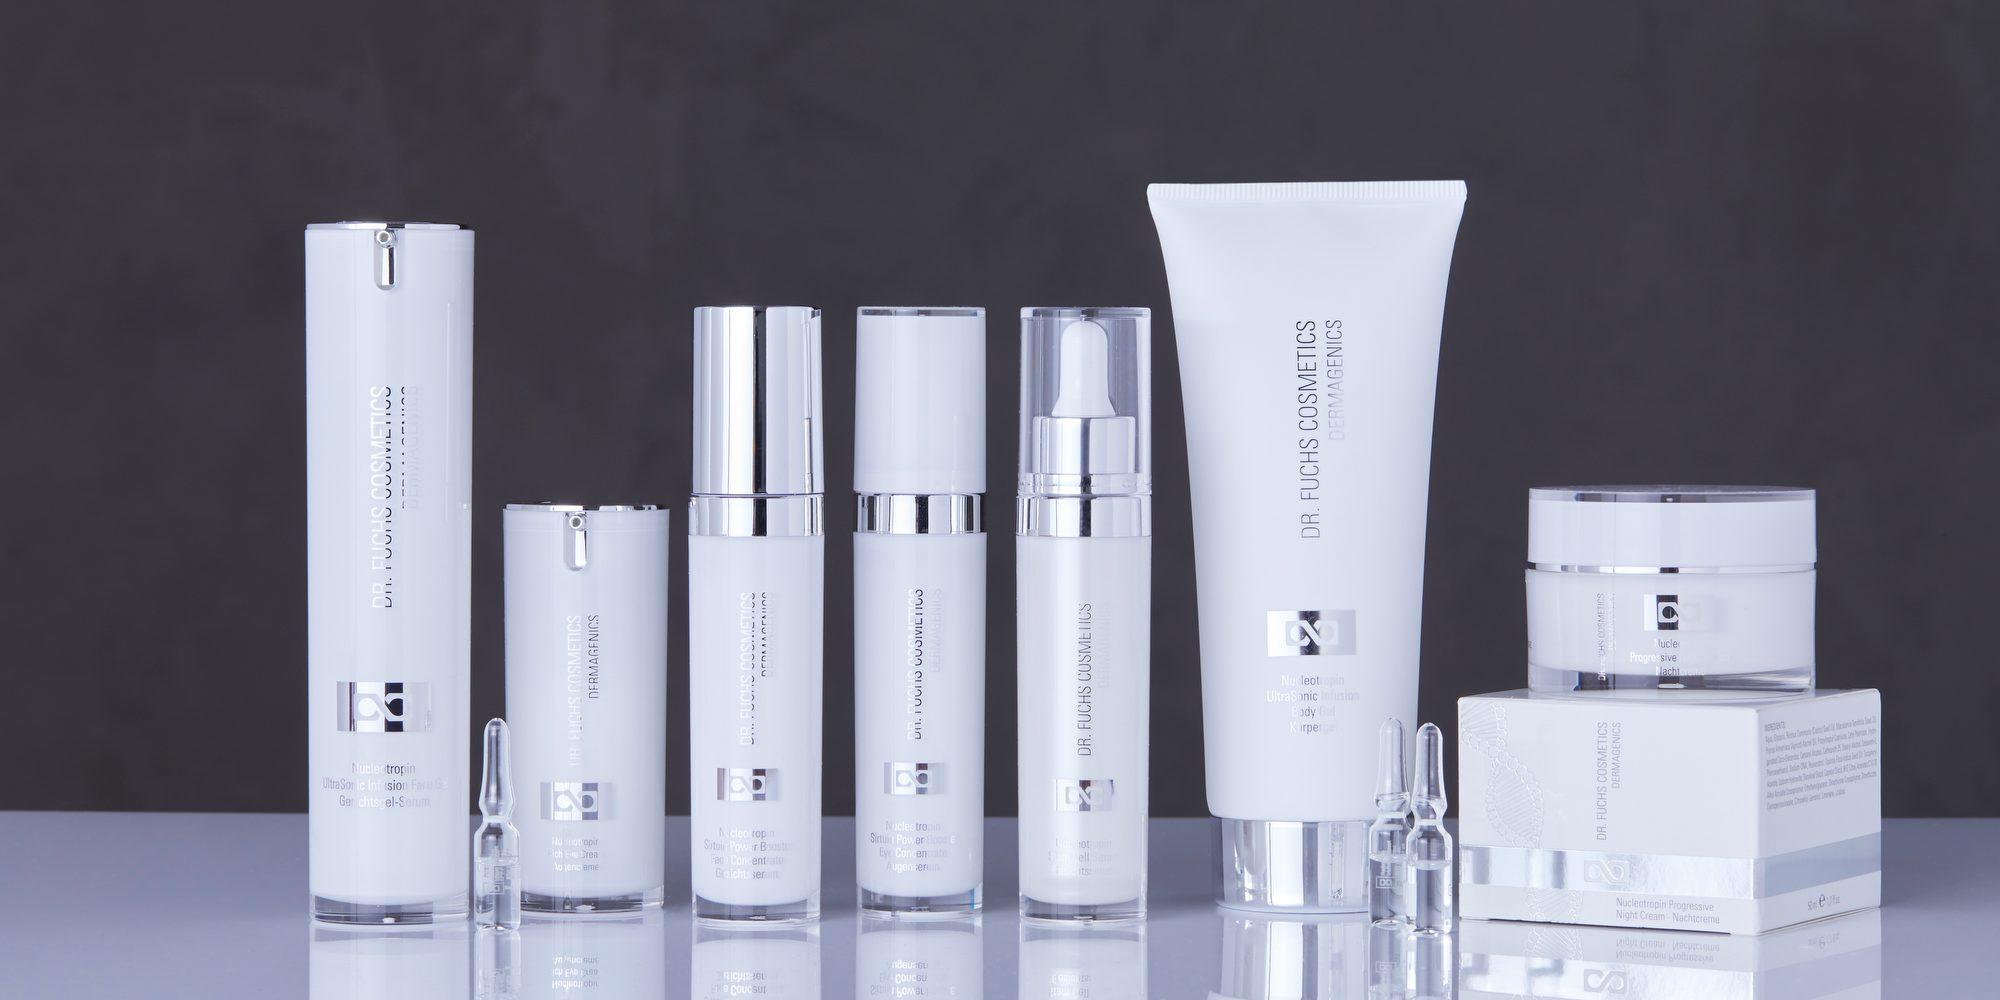 Produktfoto aller Produkte der Dr. Fuchs Cosmetics Dermagenics Linie